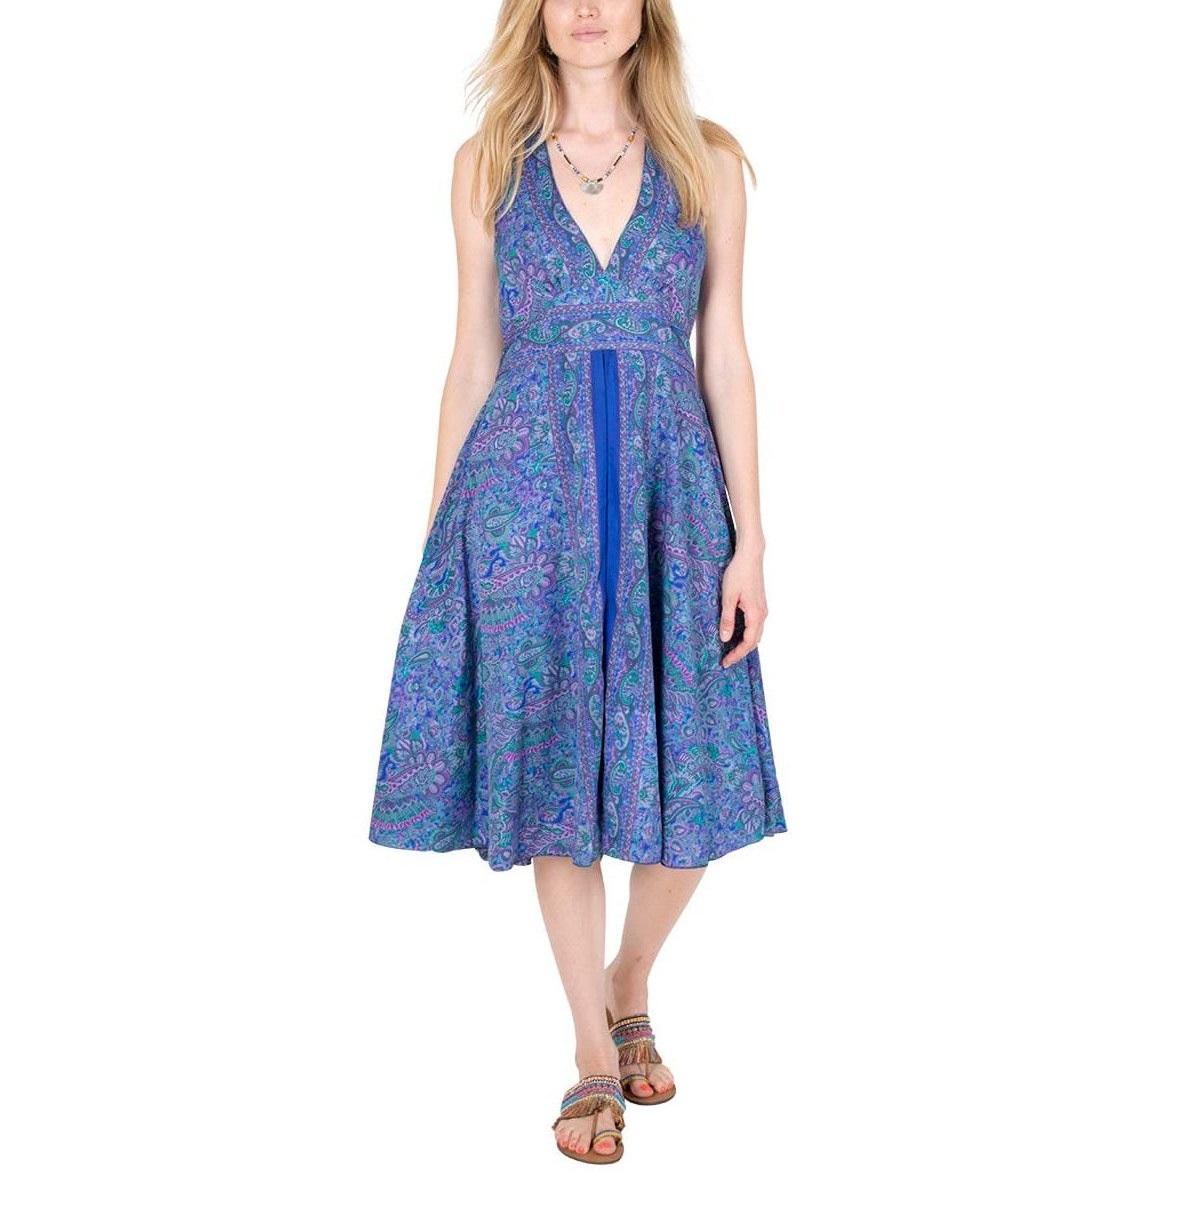 Robe mi-longue en soie | Vente en ligne de vêtements pour femmes